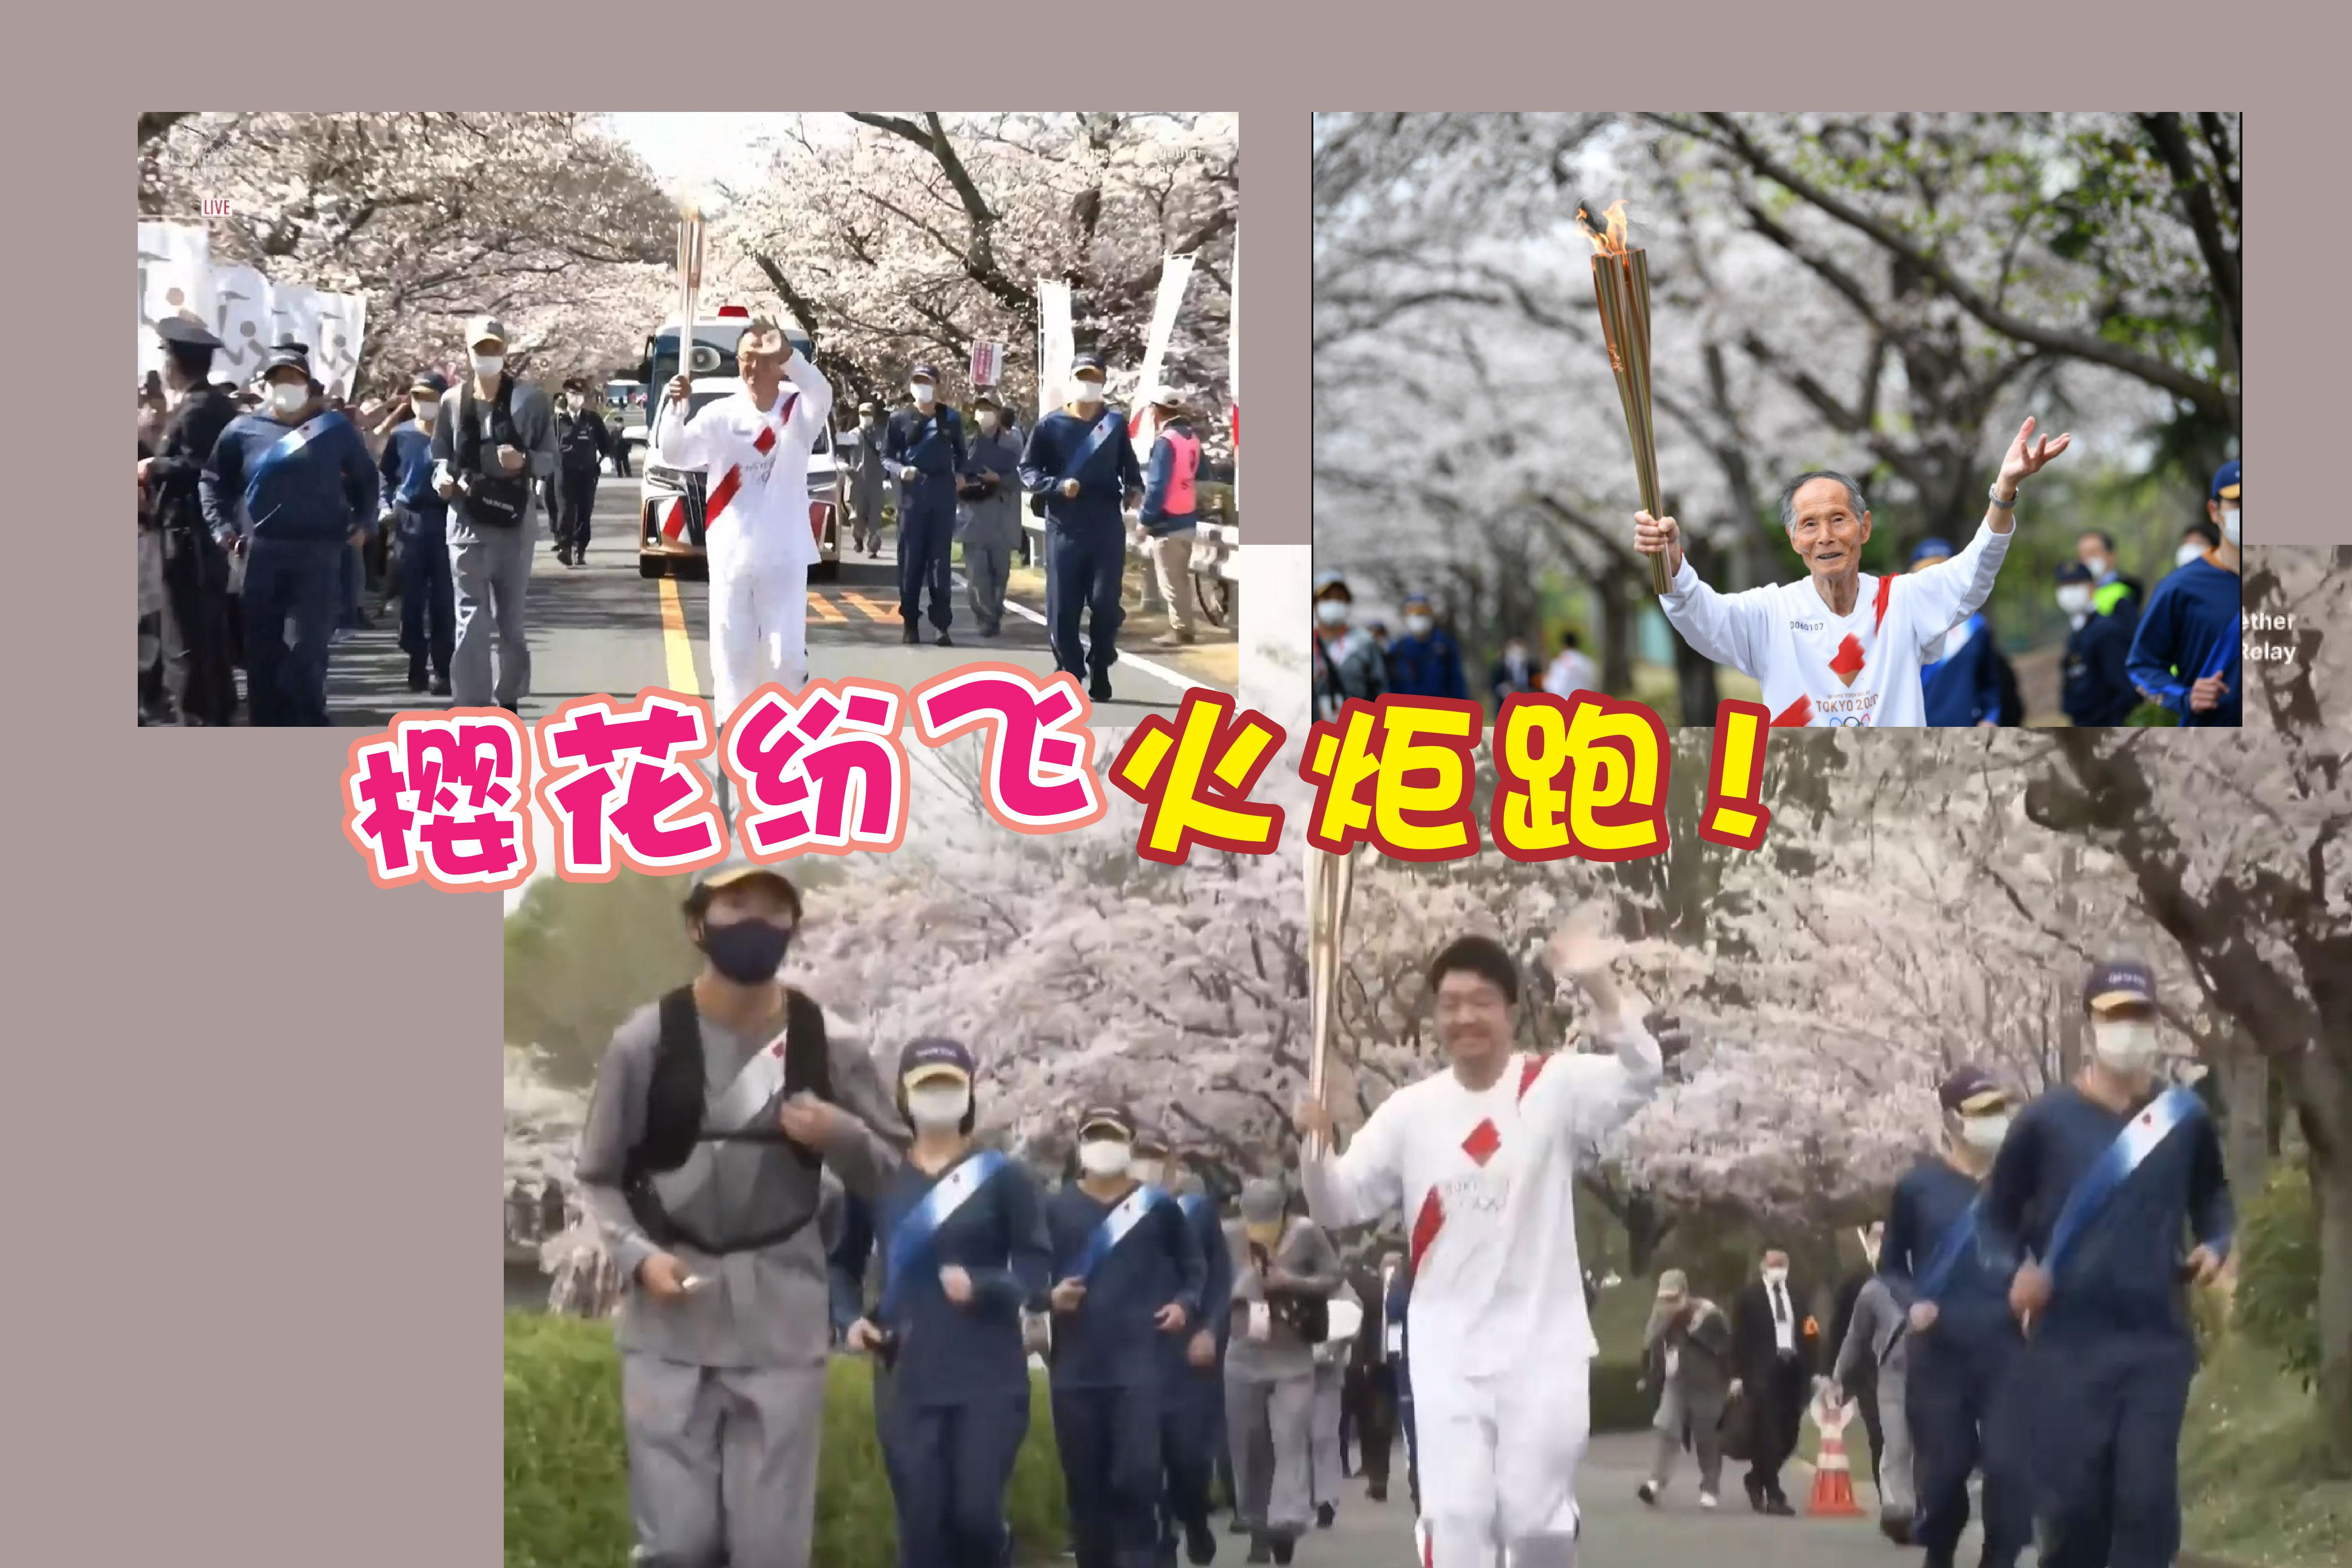 由于东京奥运会火炬传递活动,这几天进入日本的赏樱胜地,所以出现了浪漫的樱花树下火炬跑的情景。-摘自东京奥运会官网/精彩大马制图-